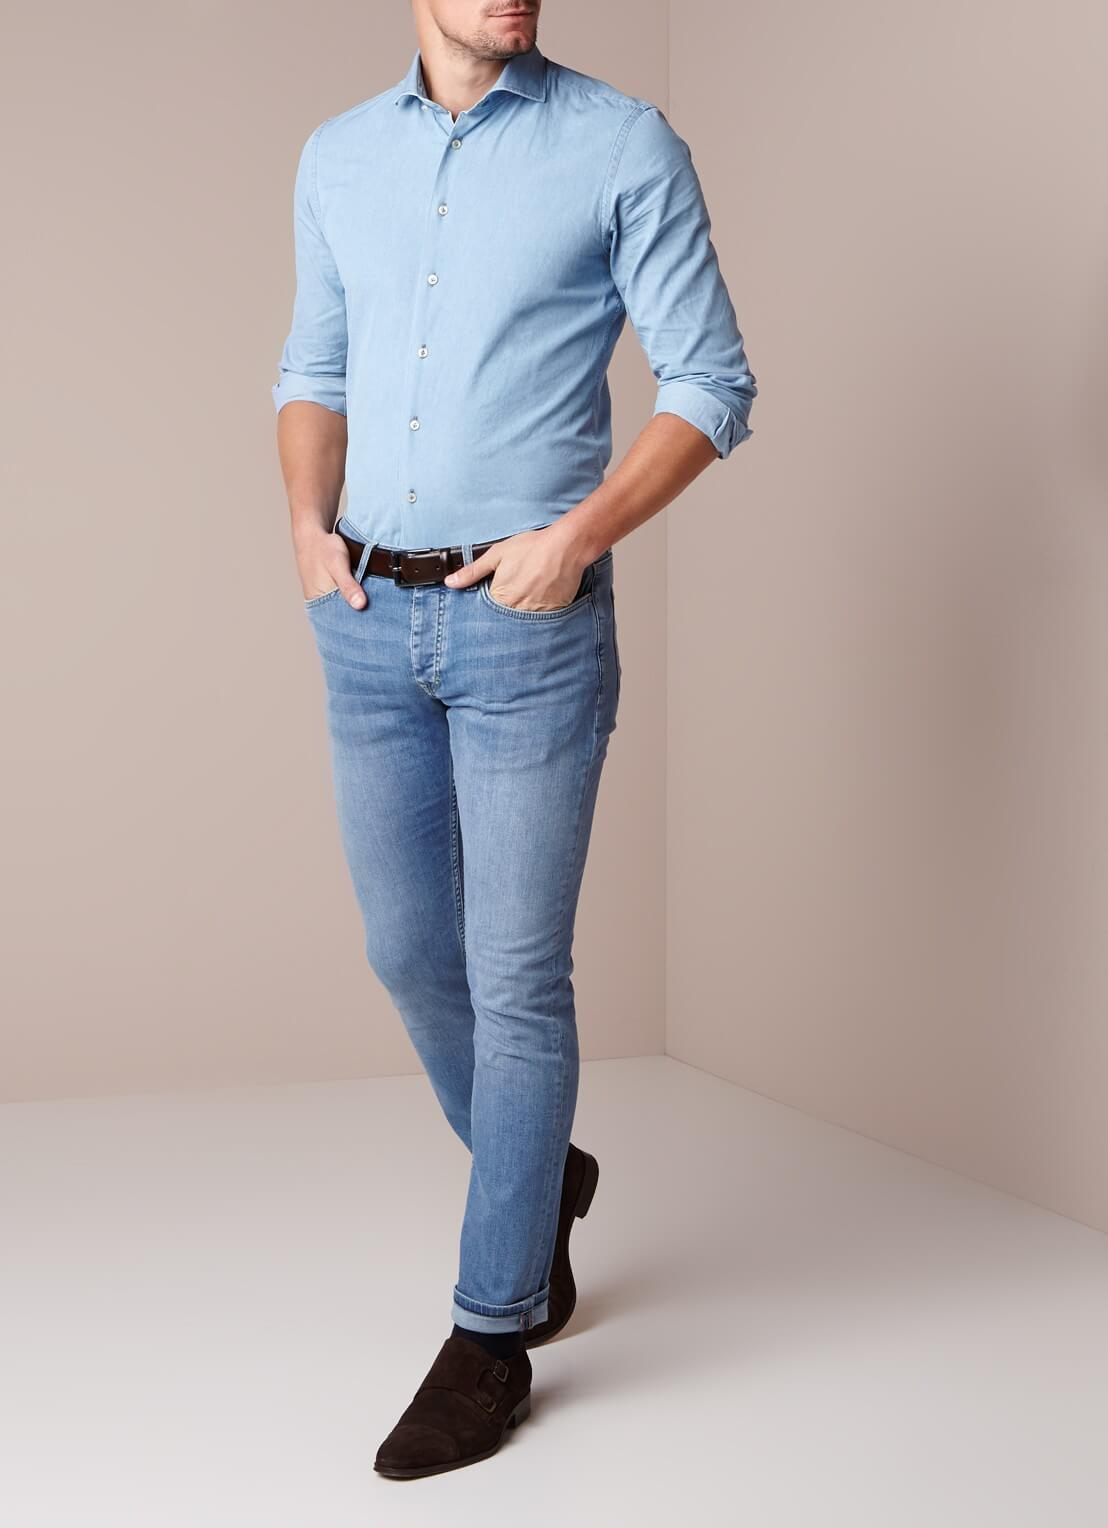 Mixed wear 3 - Mr.Draper